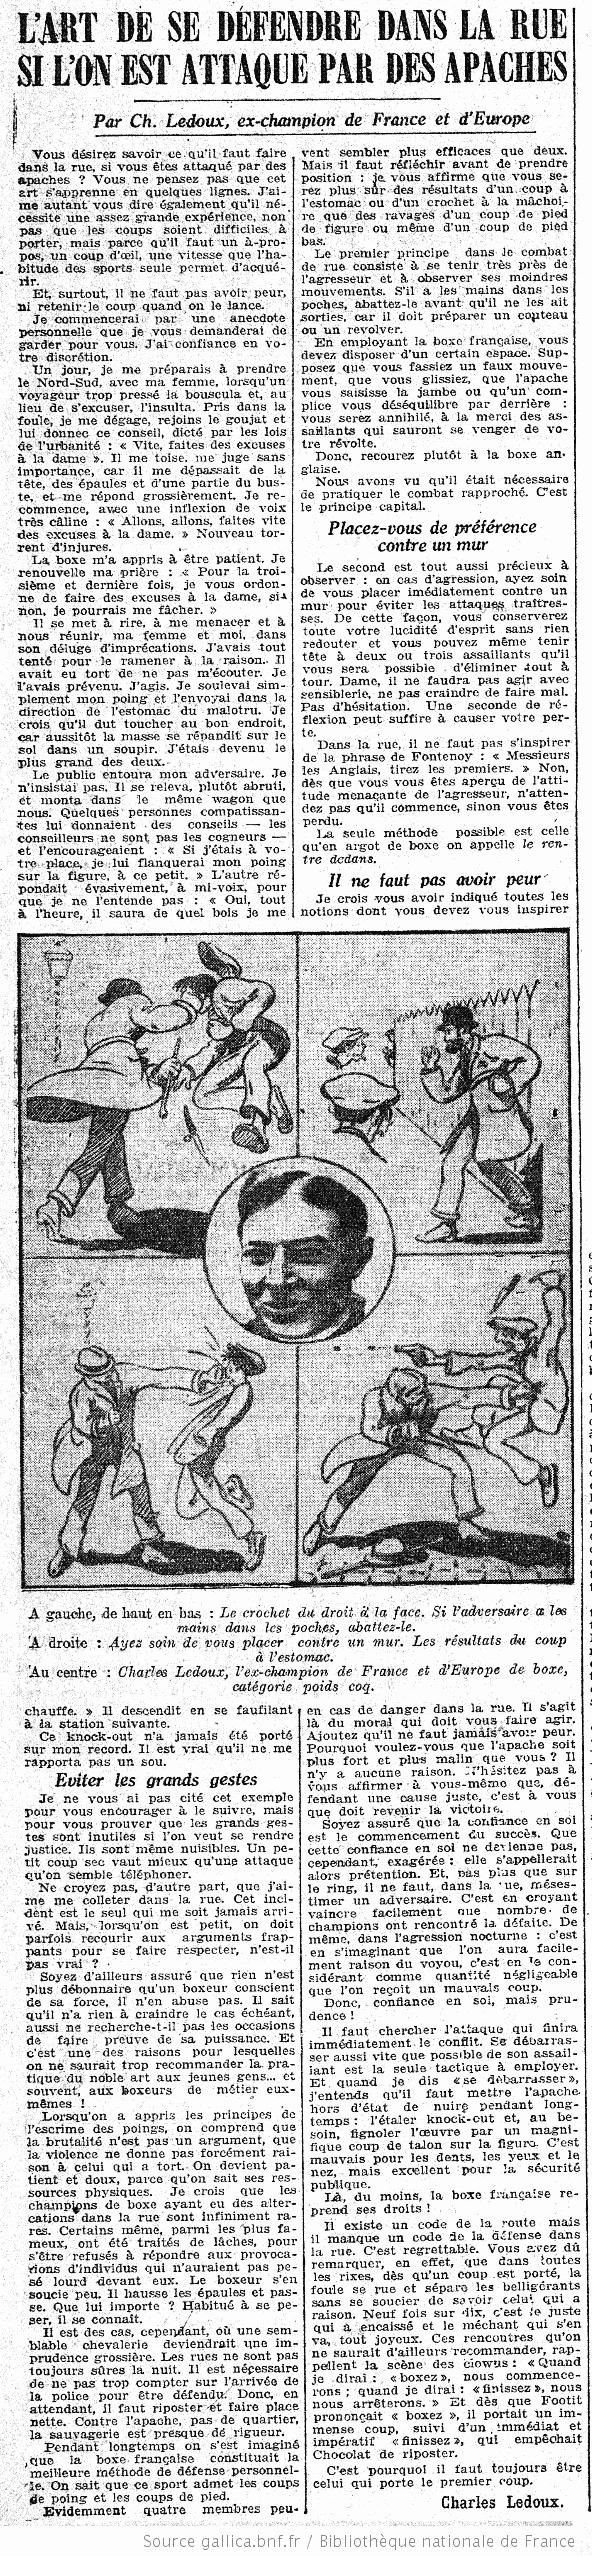 """L'article """"l'art de se défendre dans la rue si l'on est attaqué par des apaches"""" publié dans le Petit Journal le 12/09/1925"""